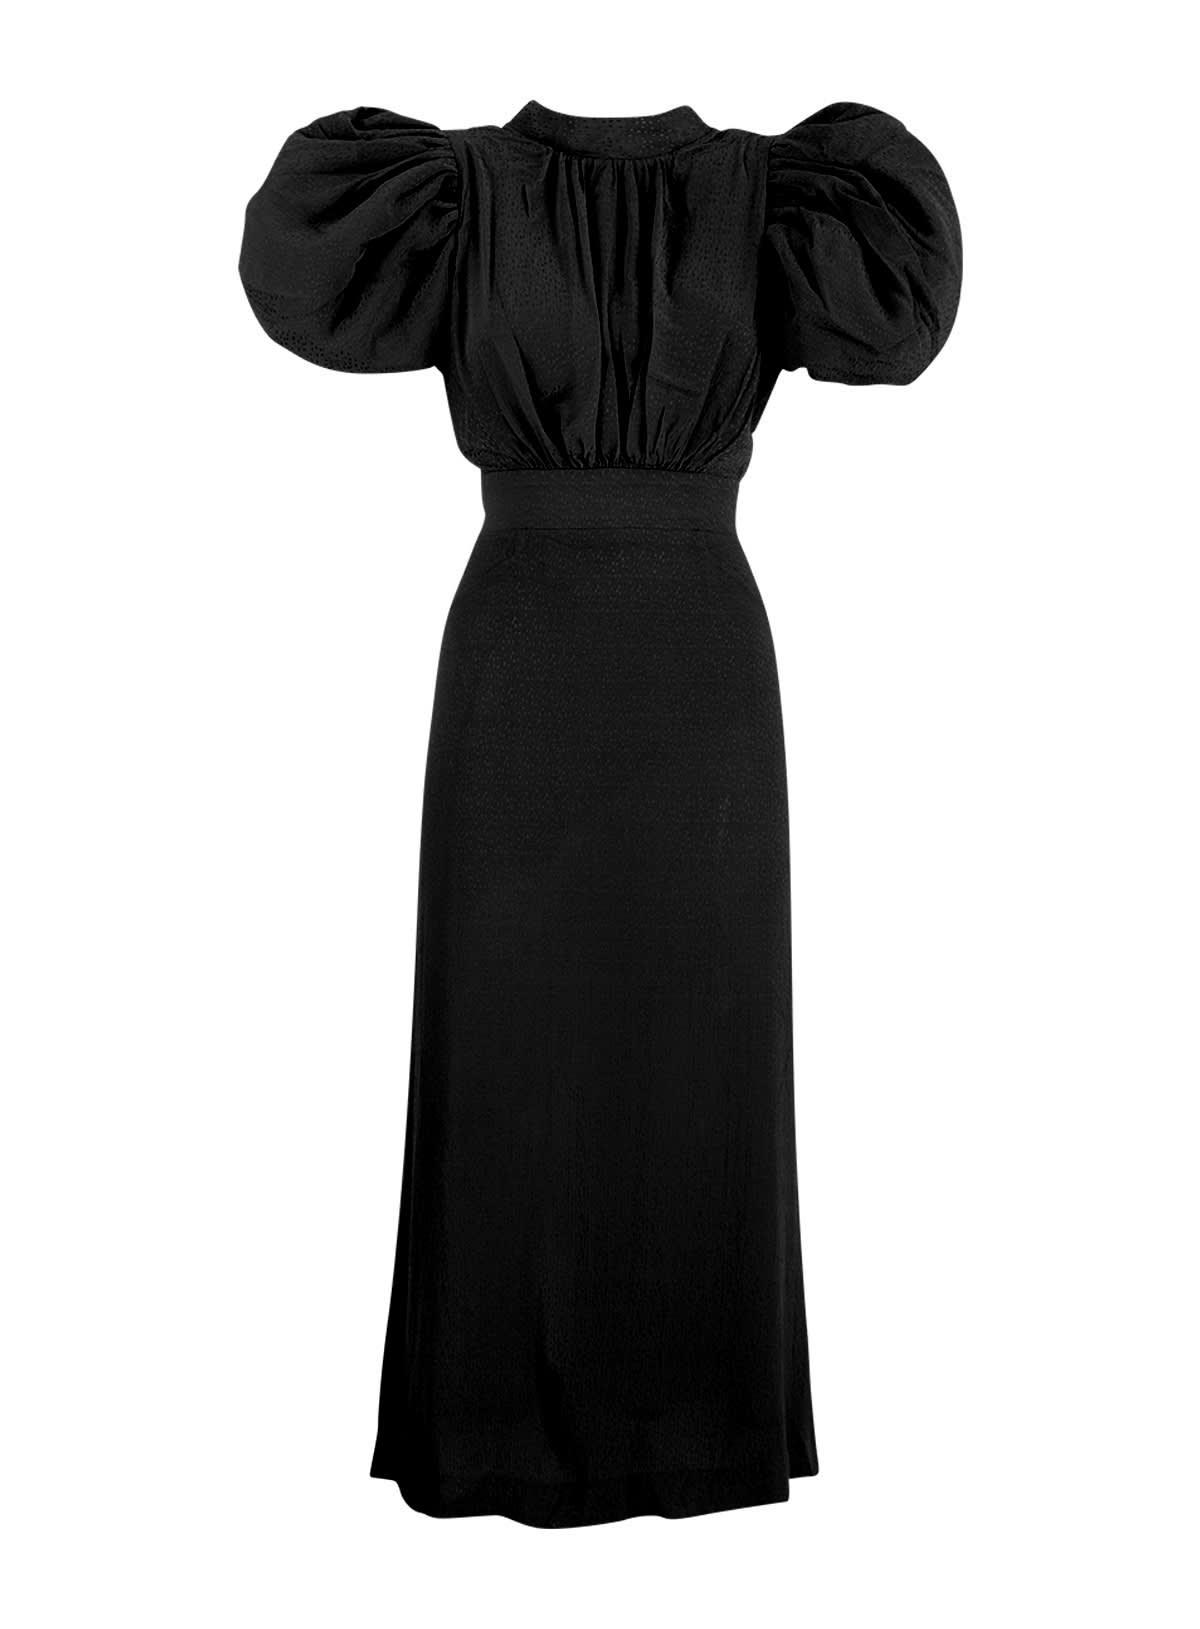 Rotate Birger Christensen Dresses ROTATE DAWN PUFF SLEEVE DRESS